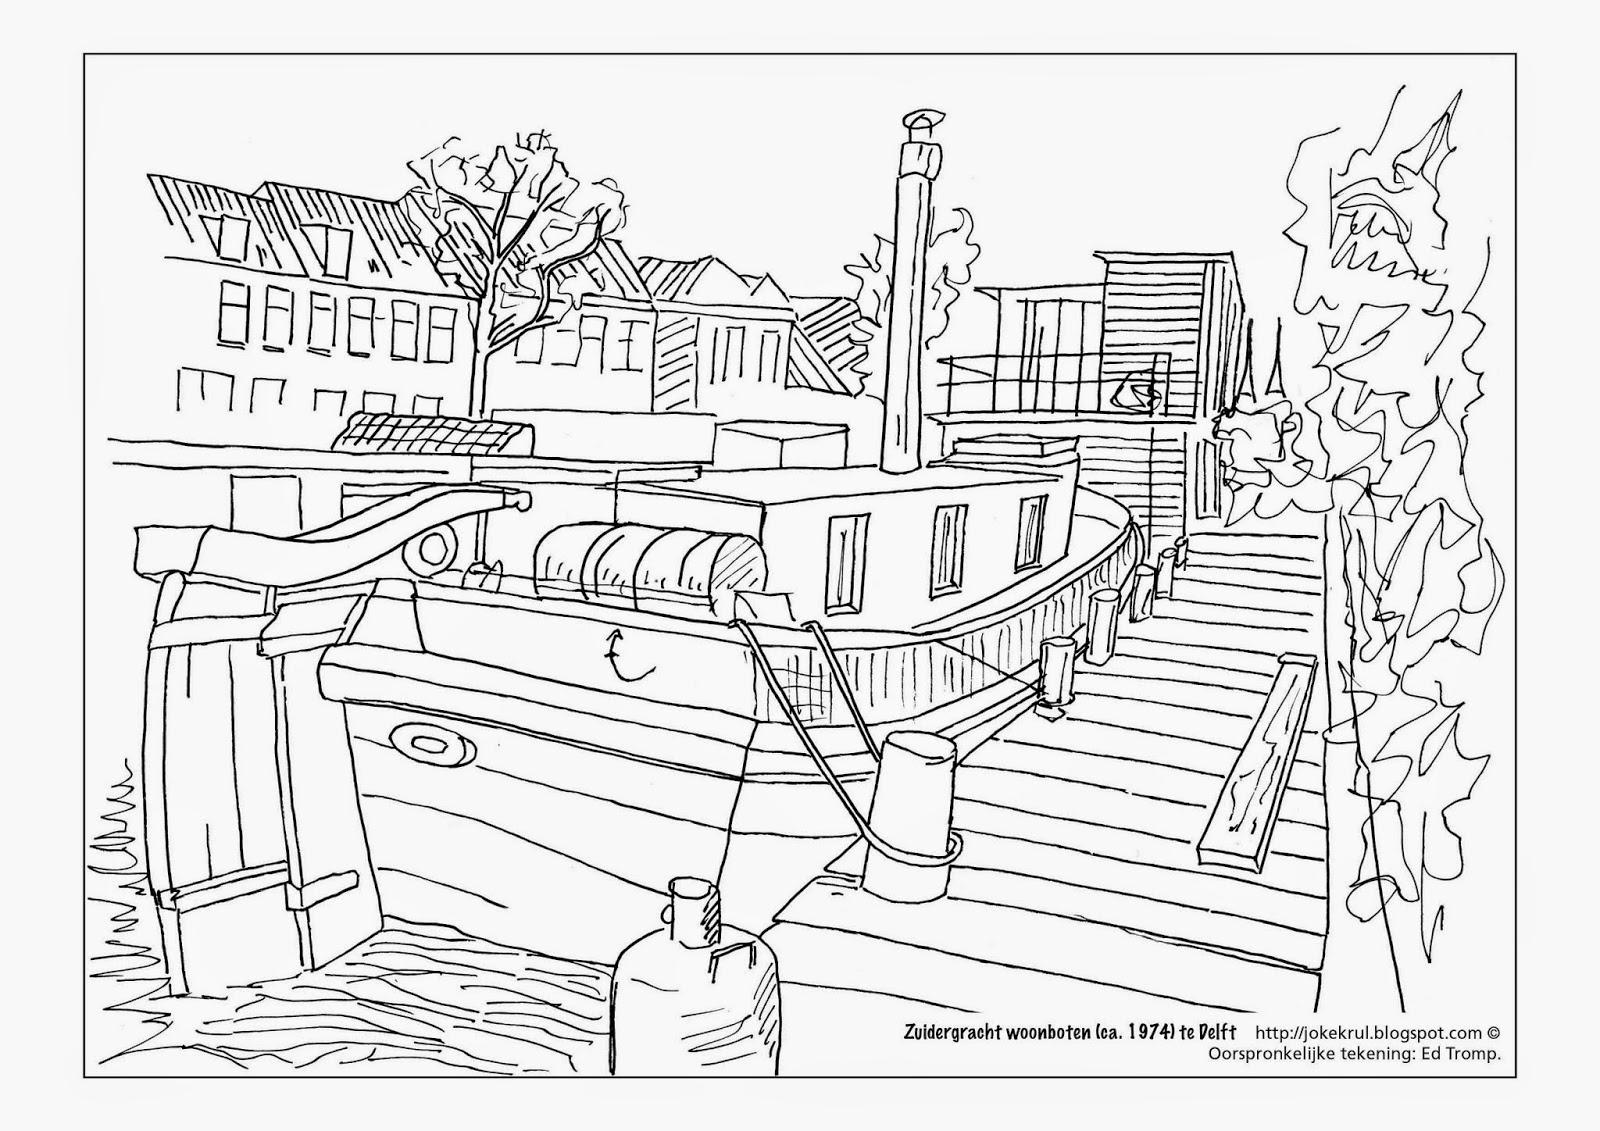 Volwassen Kleurplaat K Joke Krul Schilder En Tekenlessen Kleurplaten Van Delft